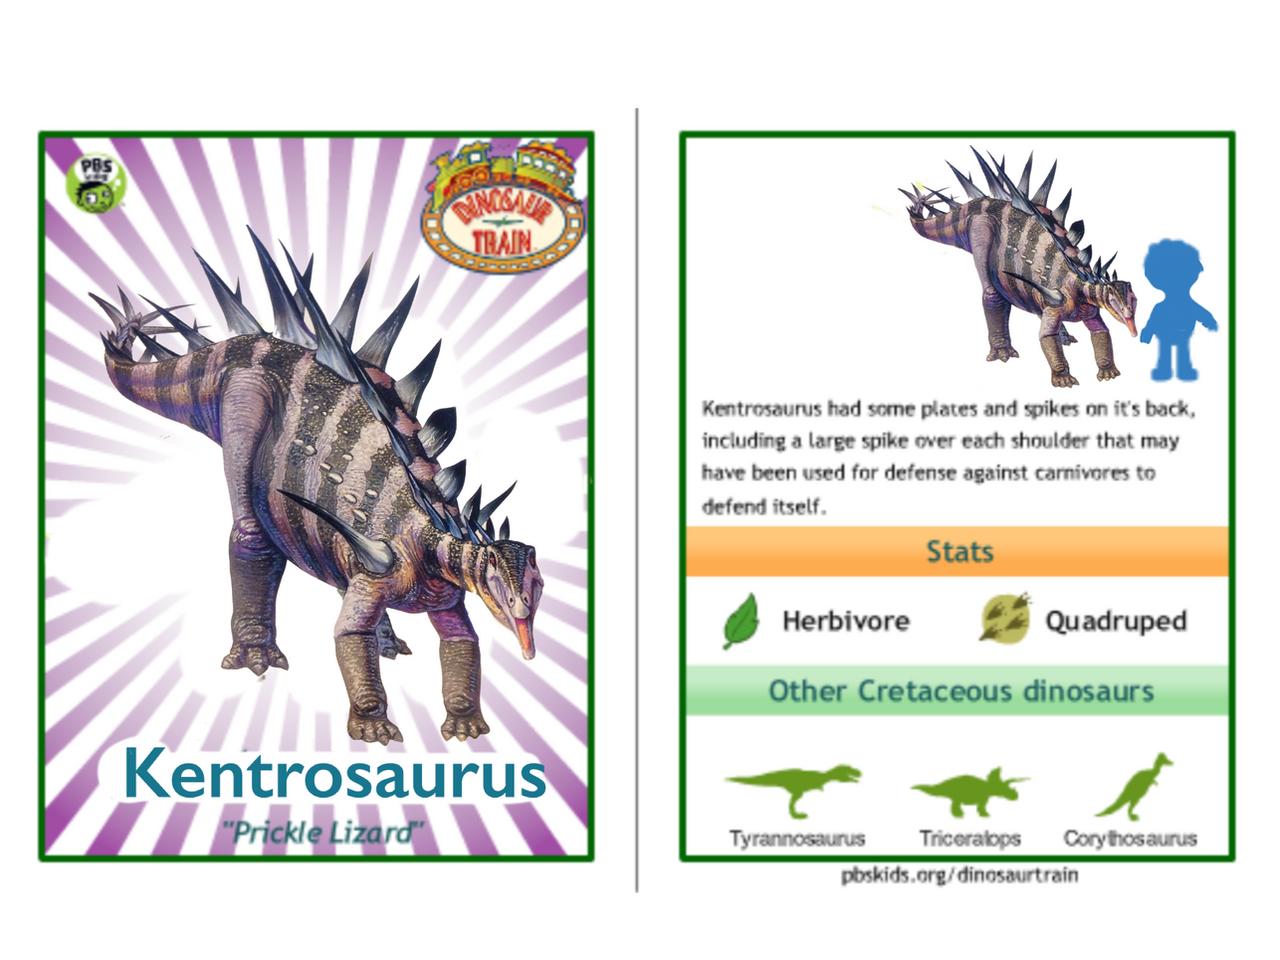 dinosaur train kentrosaurus - photo #6